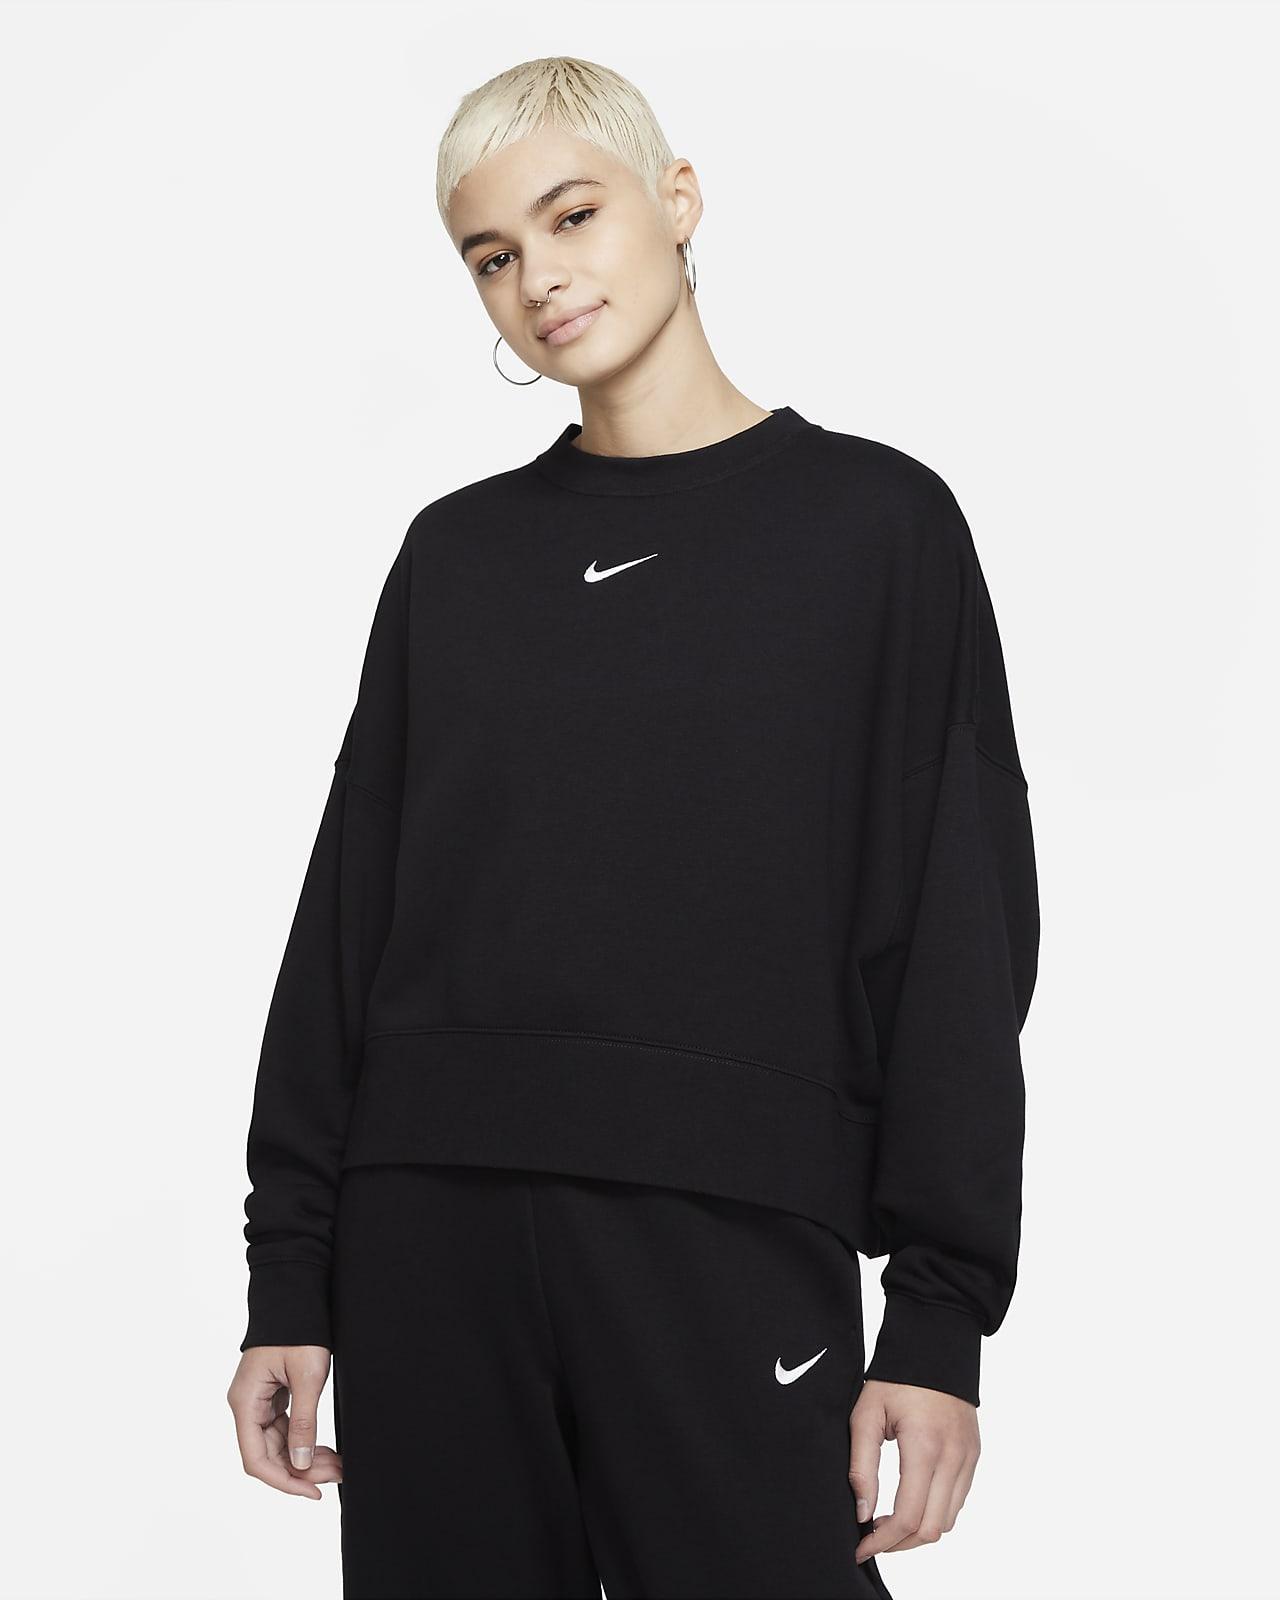 Женская флисовая толстовка оверсайз Nike Sportswear Collection Essentials